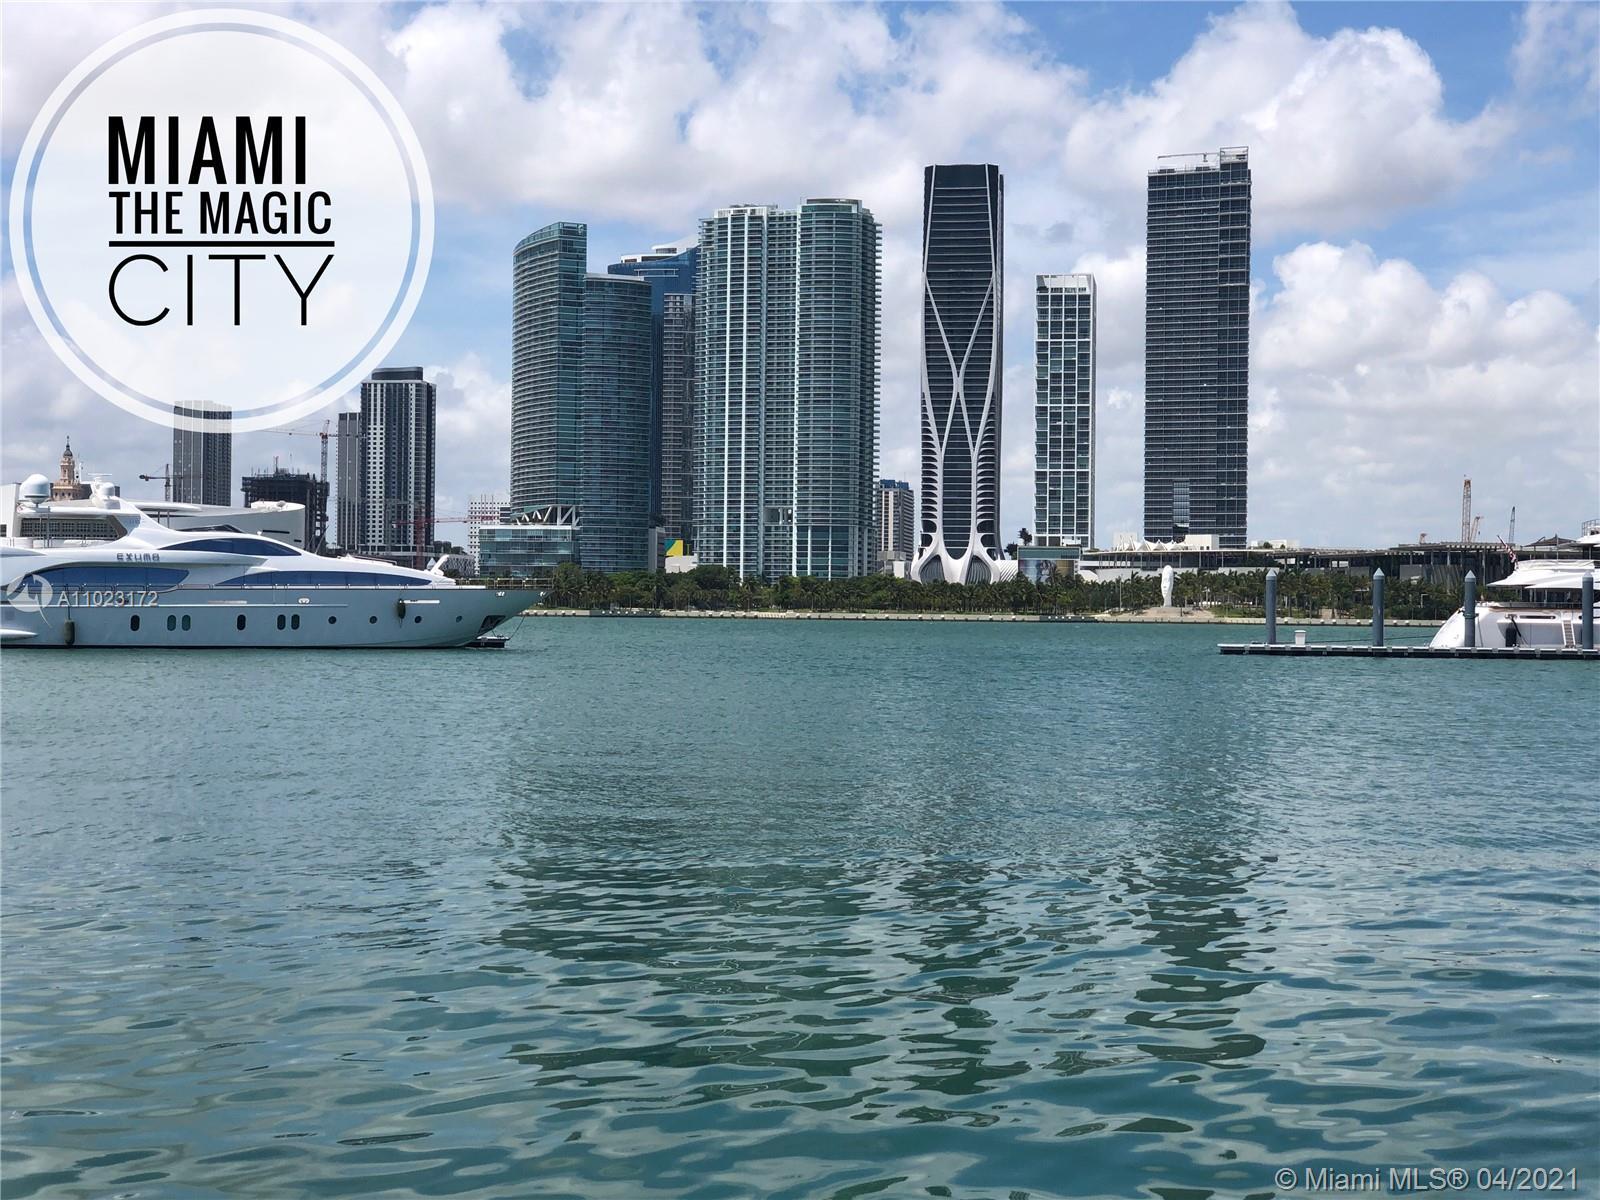 900 Biscayne Bay #3208 - 900 Biscayne Blvd #3208, Miami, FL 33132